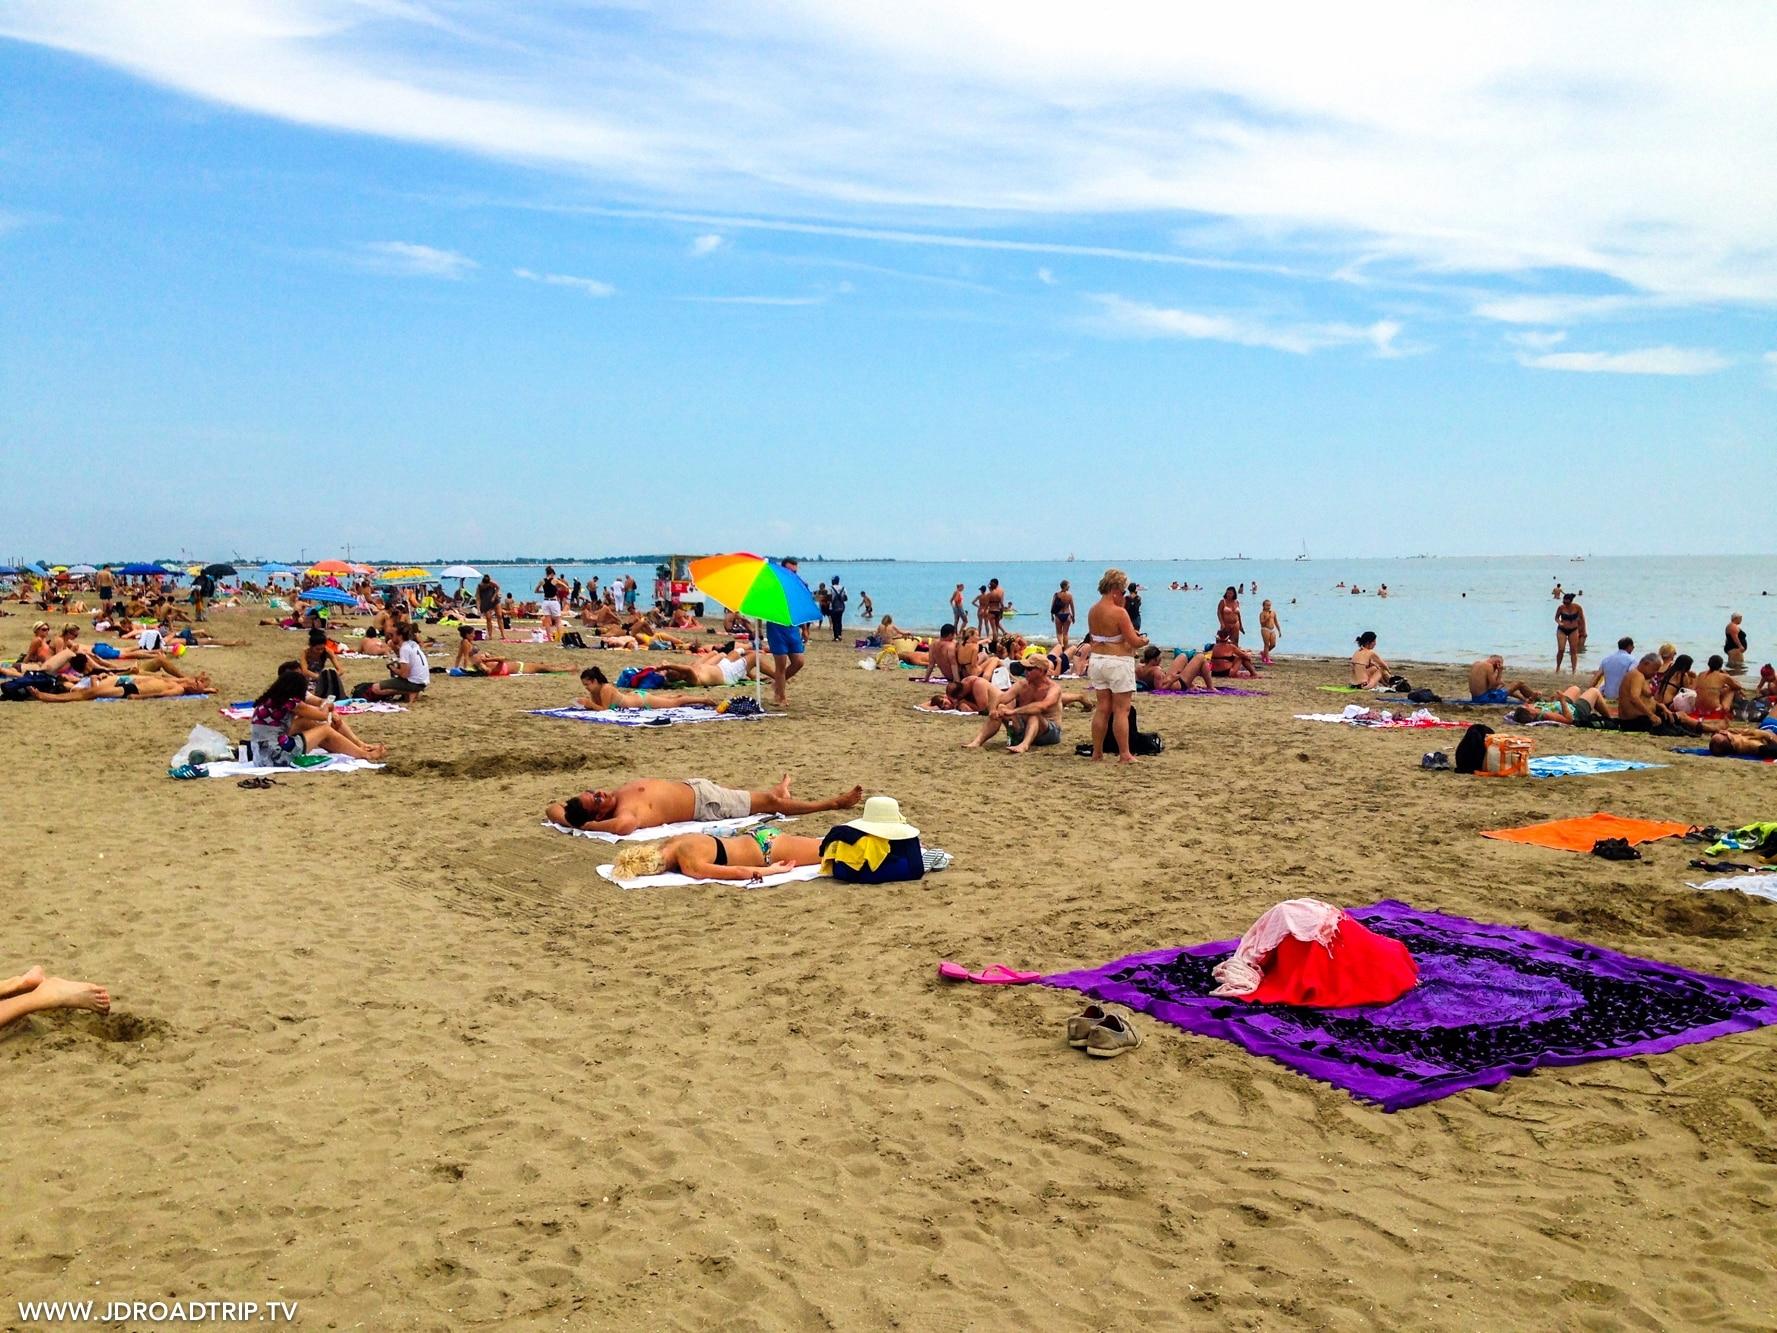 Visiter Venise en 3 jours - Plage de Lido